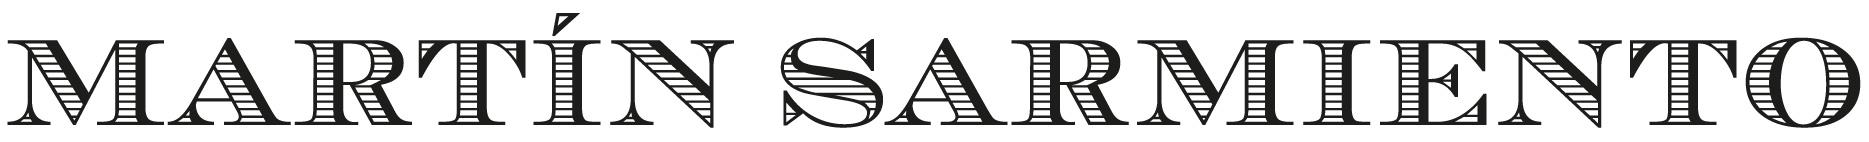 Logo Martín Sarmiento